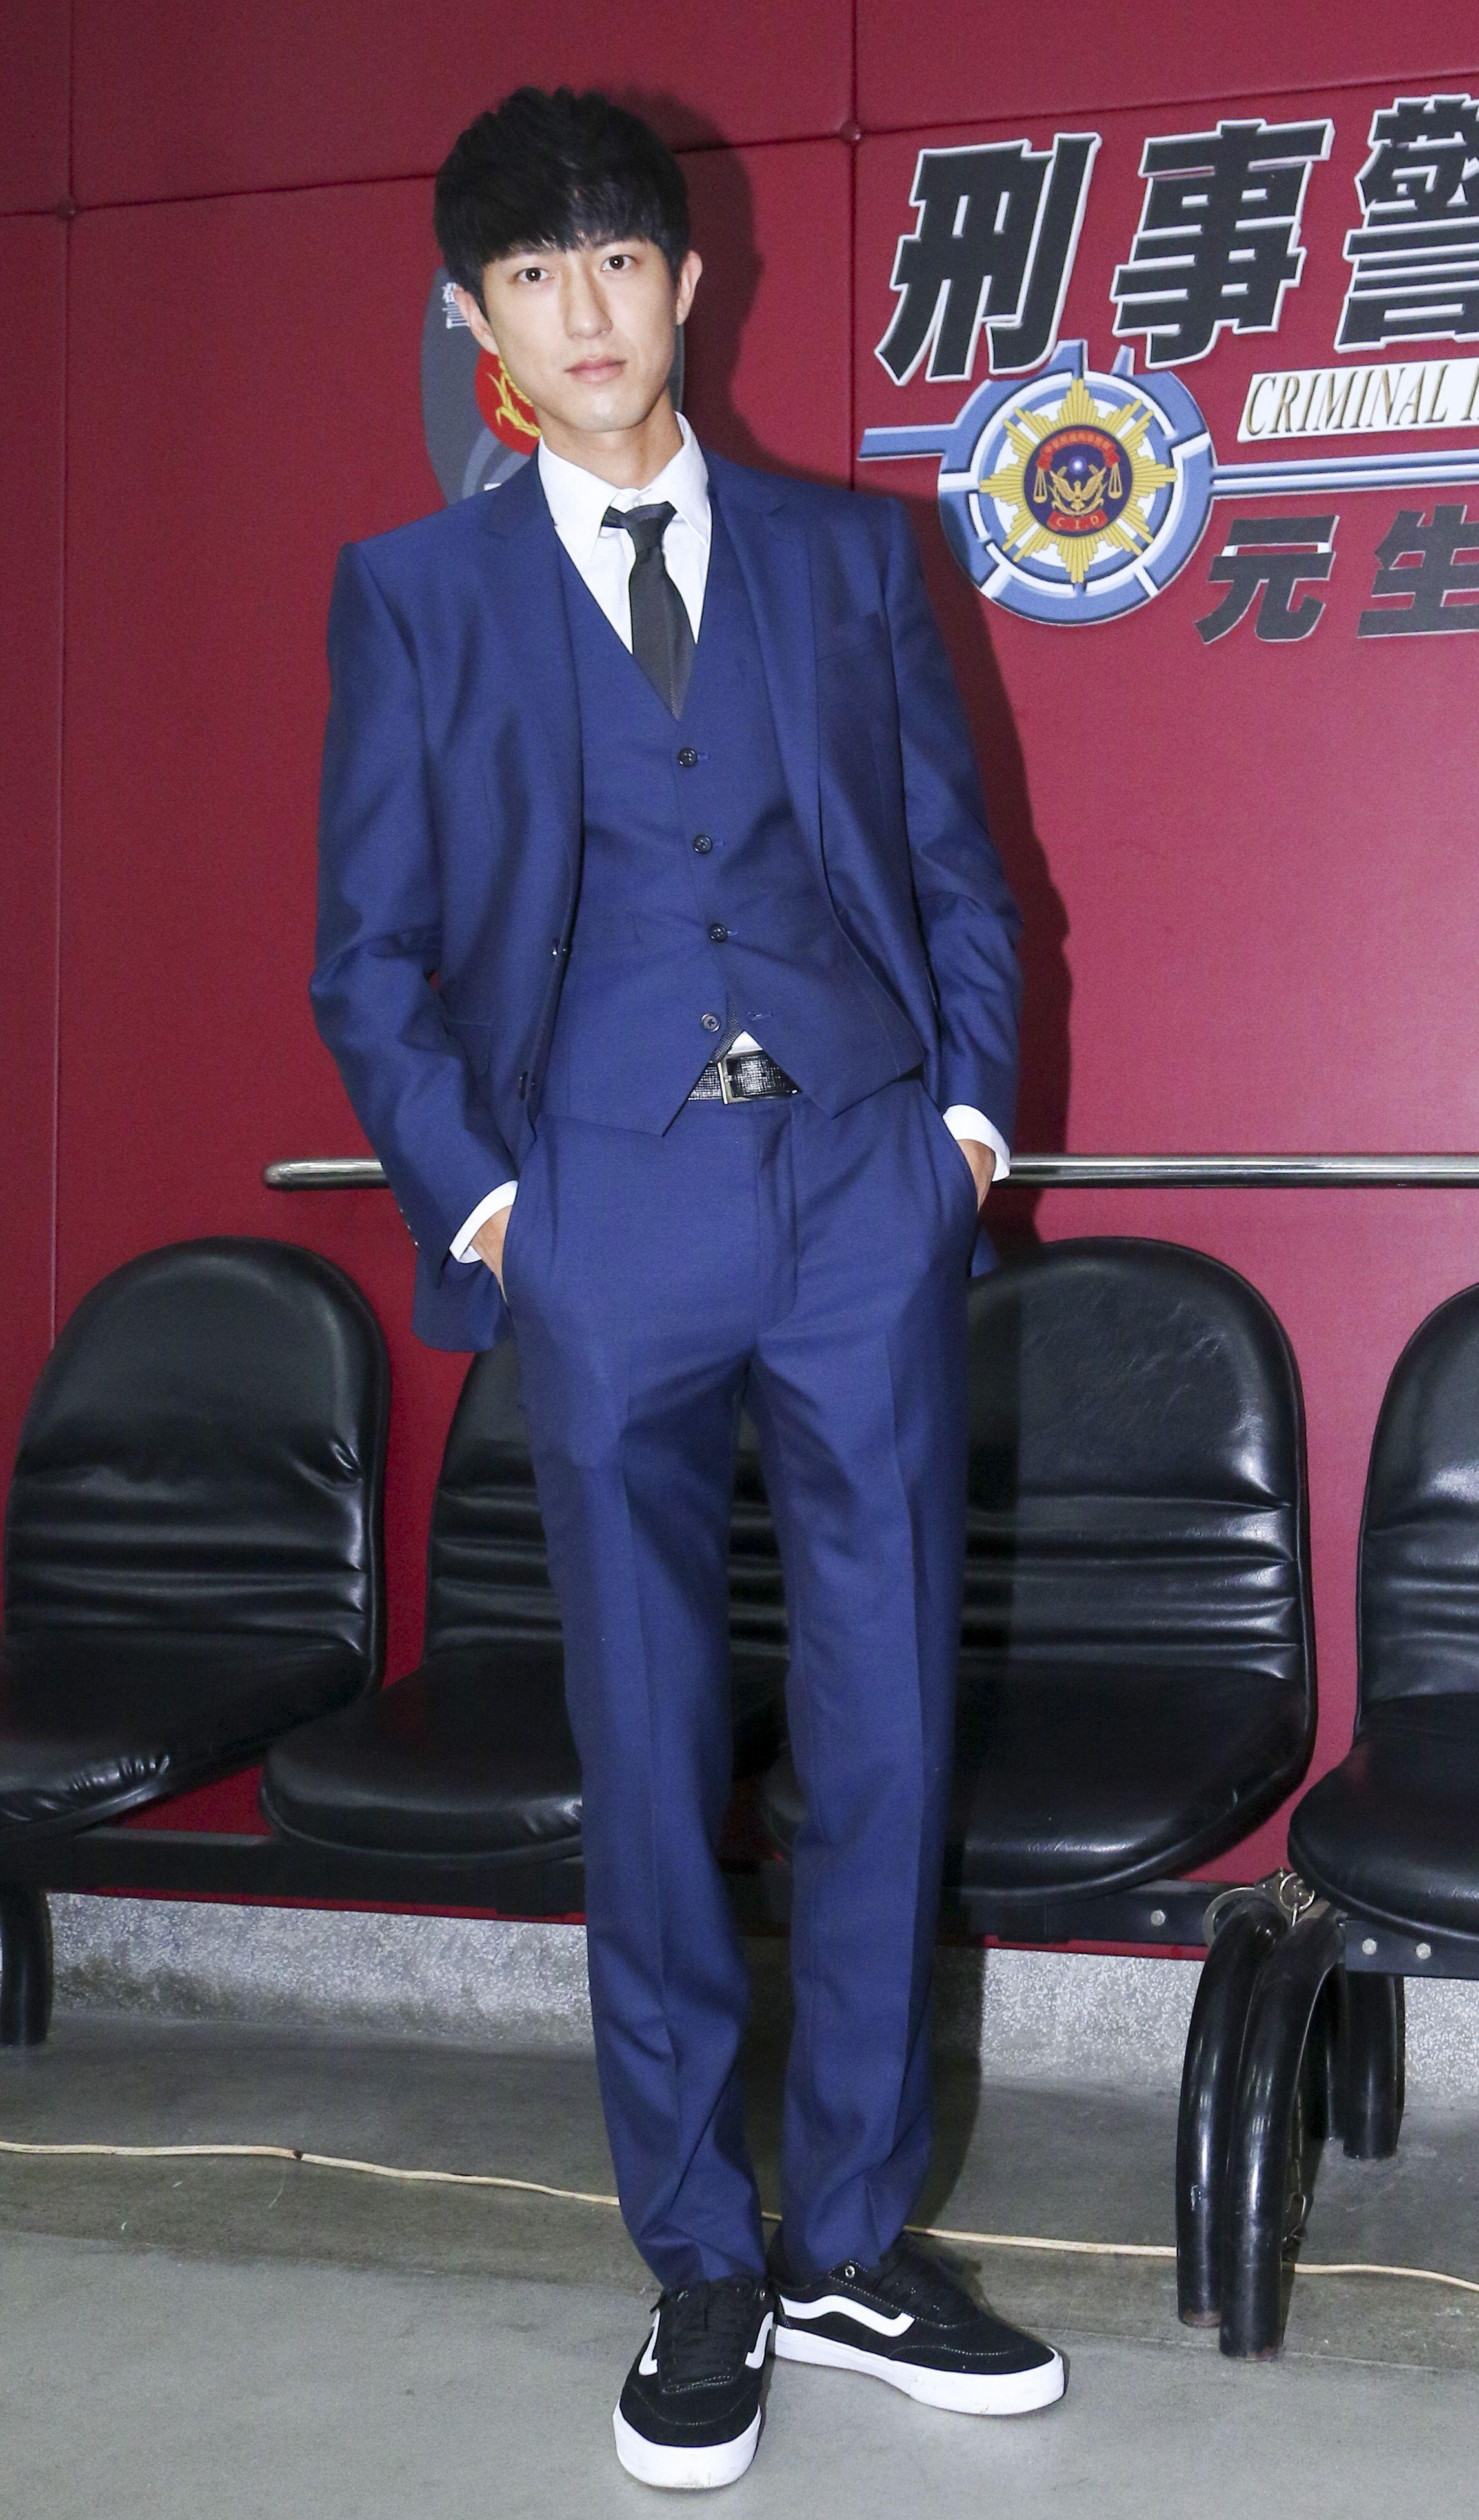 三立新八點華劇「必勝大丈夫」劇中警局片場採訪,飾演律師鄧子澄的邱昊奇。(記者林士傑/攝影)